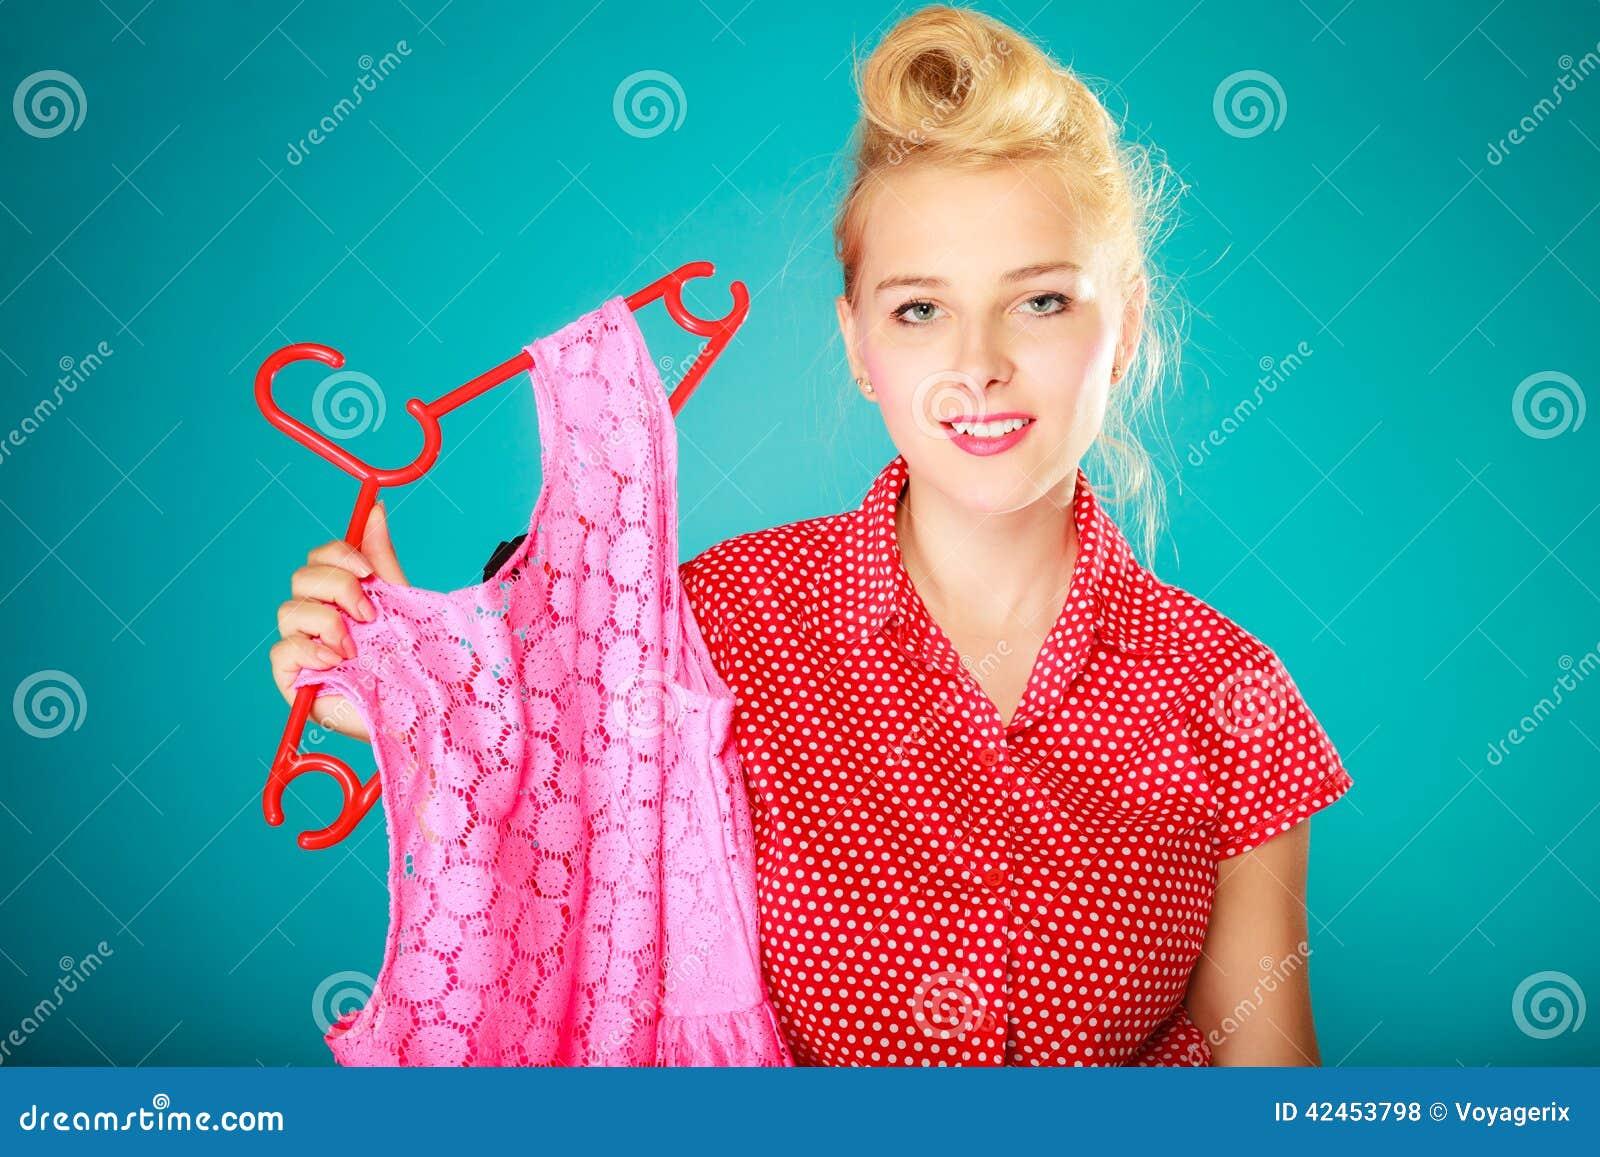 Kleidungs-Rosakleid des Pinupmädchens kaufendes Verkaufseinzelhandel